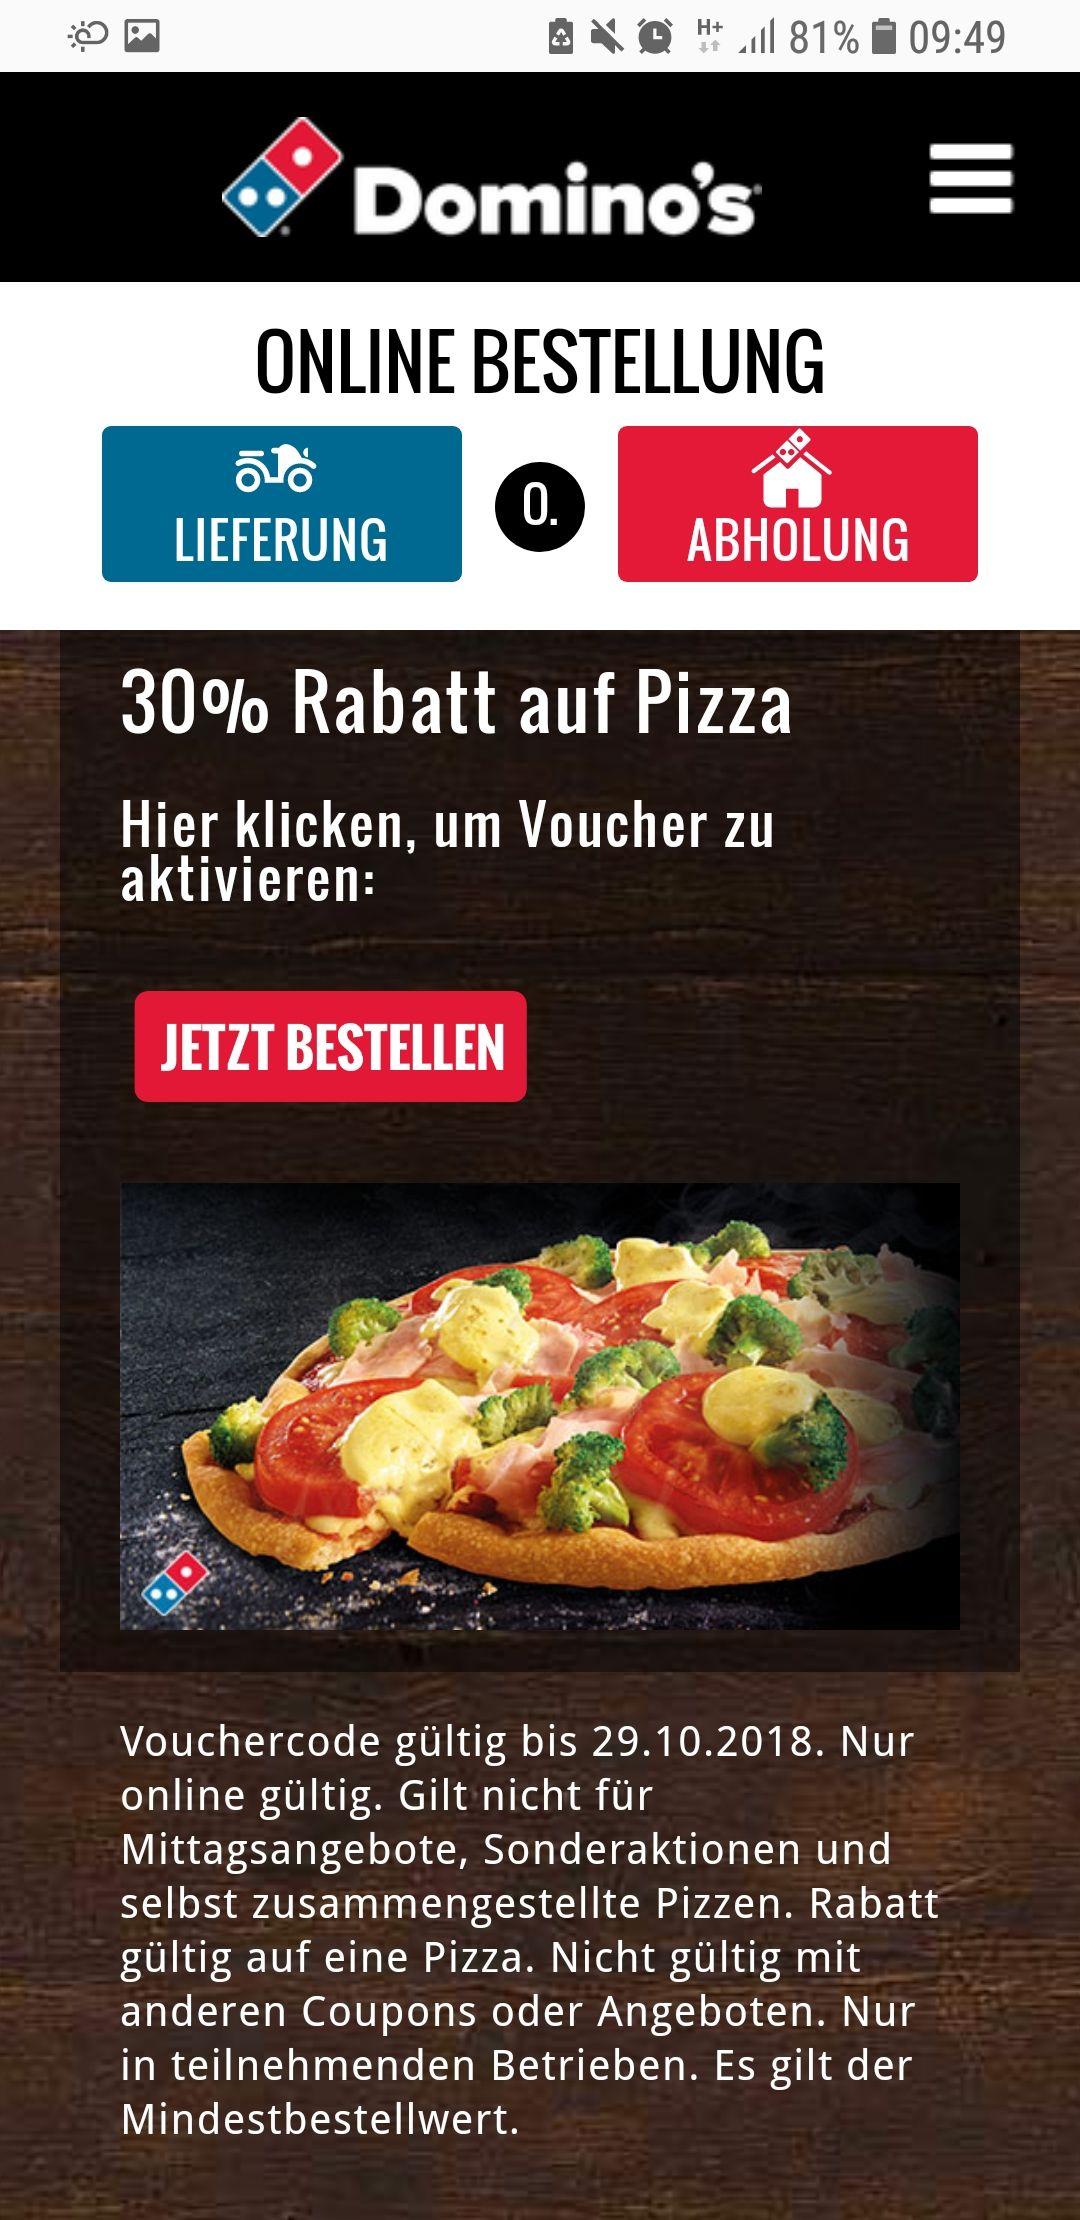 Dauerhaft gültiger 30% Rabatt Code / Voucher Dominos Pizza *keine Mittagsangebote*